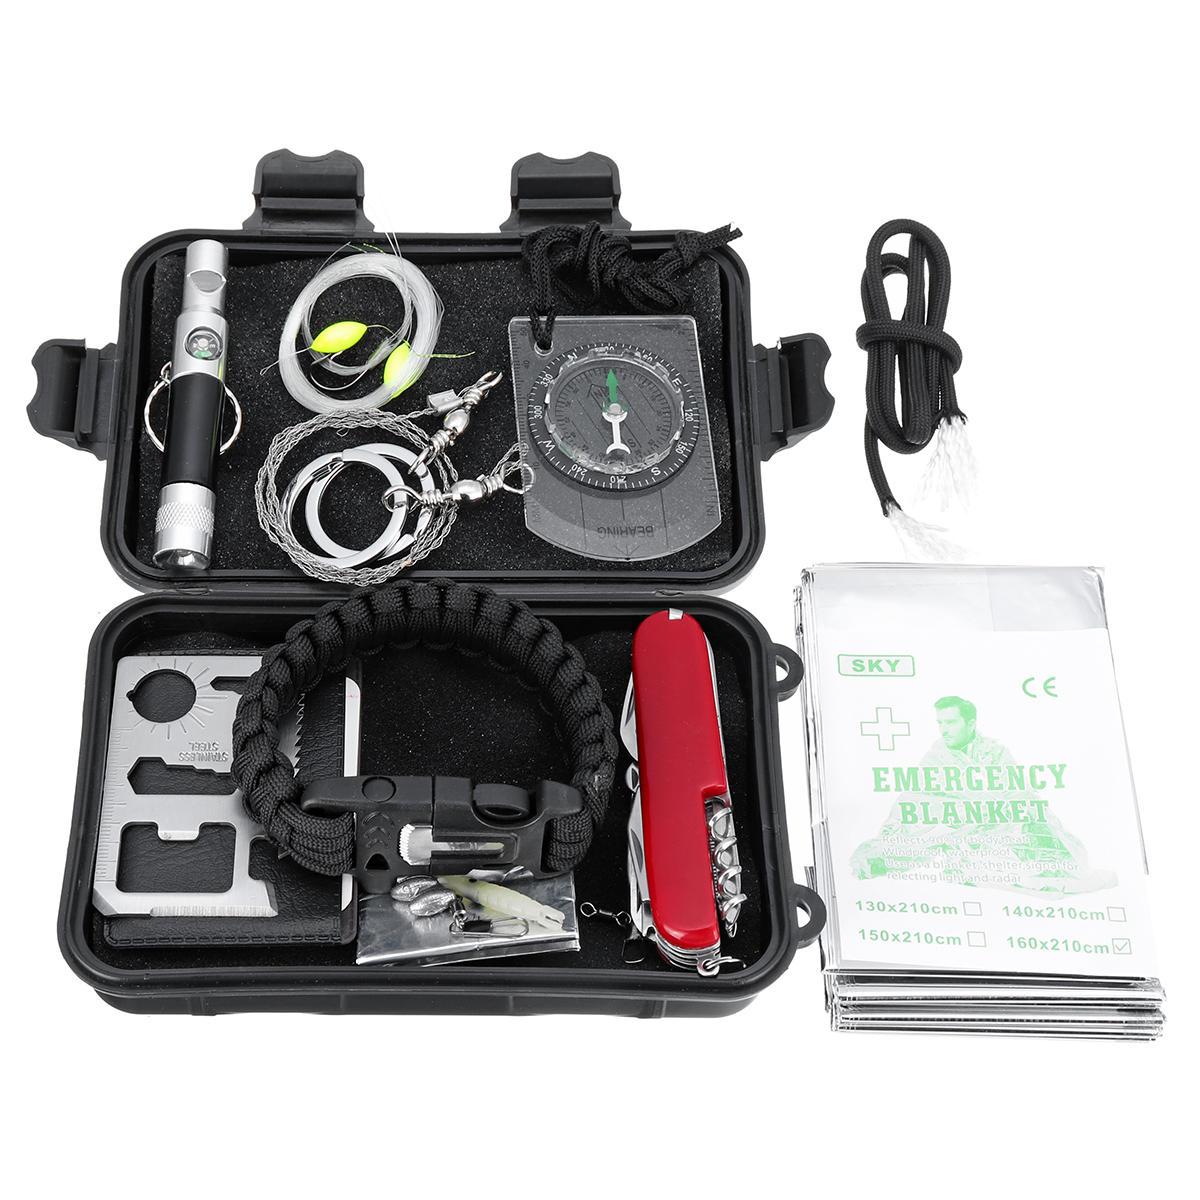 10 1 SOS Acil Survival Ekipmanları Aletler Kit Taktik Av Dişli Aletler Depolama Kutu ile